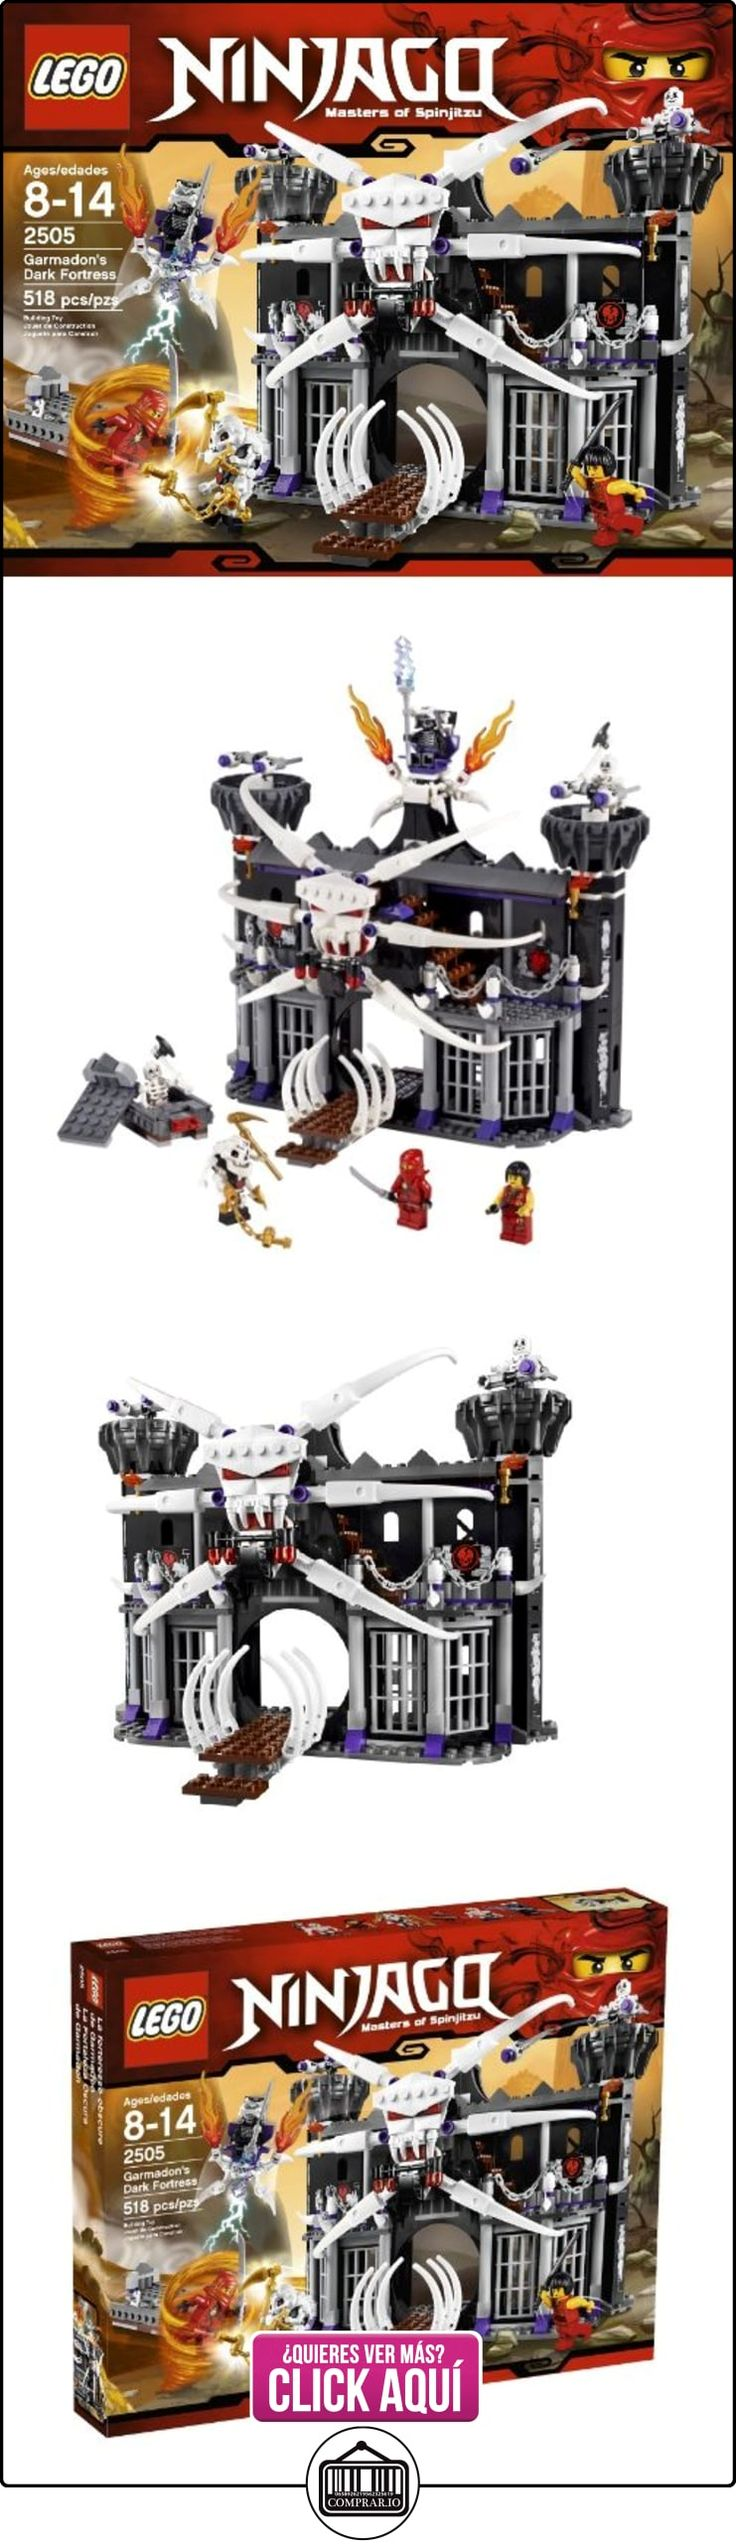 LEGO Ninjago Garmadon's Dark Fortress 518pieza(s) - juegos de construcción (Multicolor)  ✿ Lego - el surtido más amplio ✿ ▬► Ver oferta: https://comprar.io/goto/B004478GD8